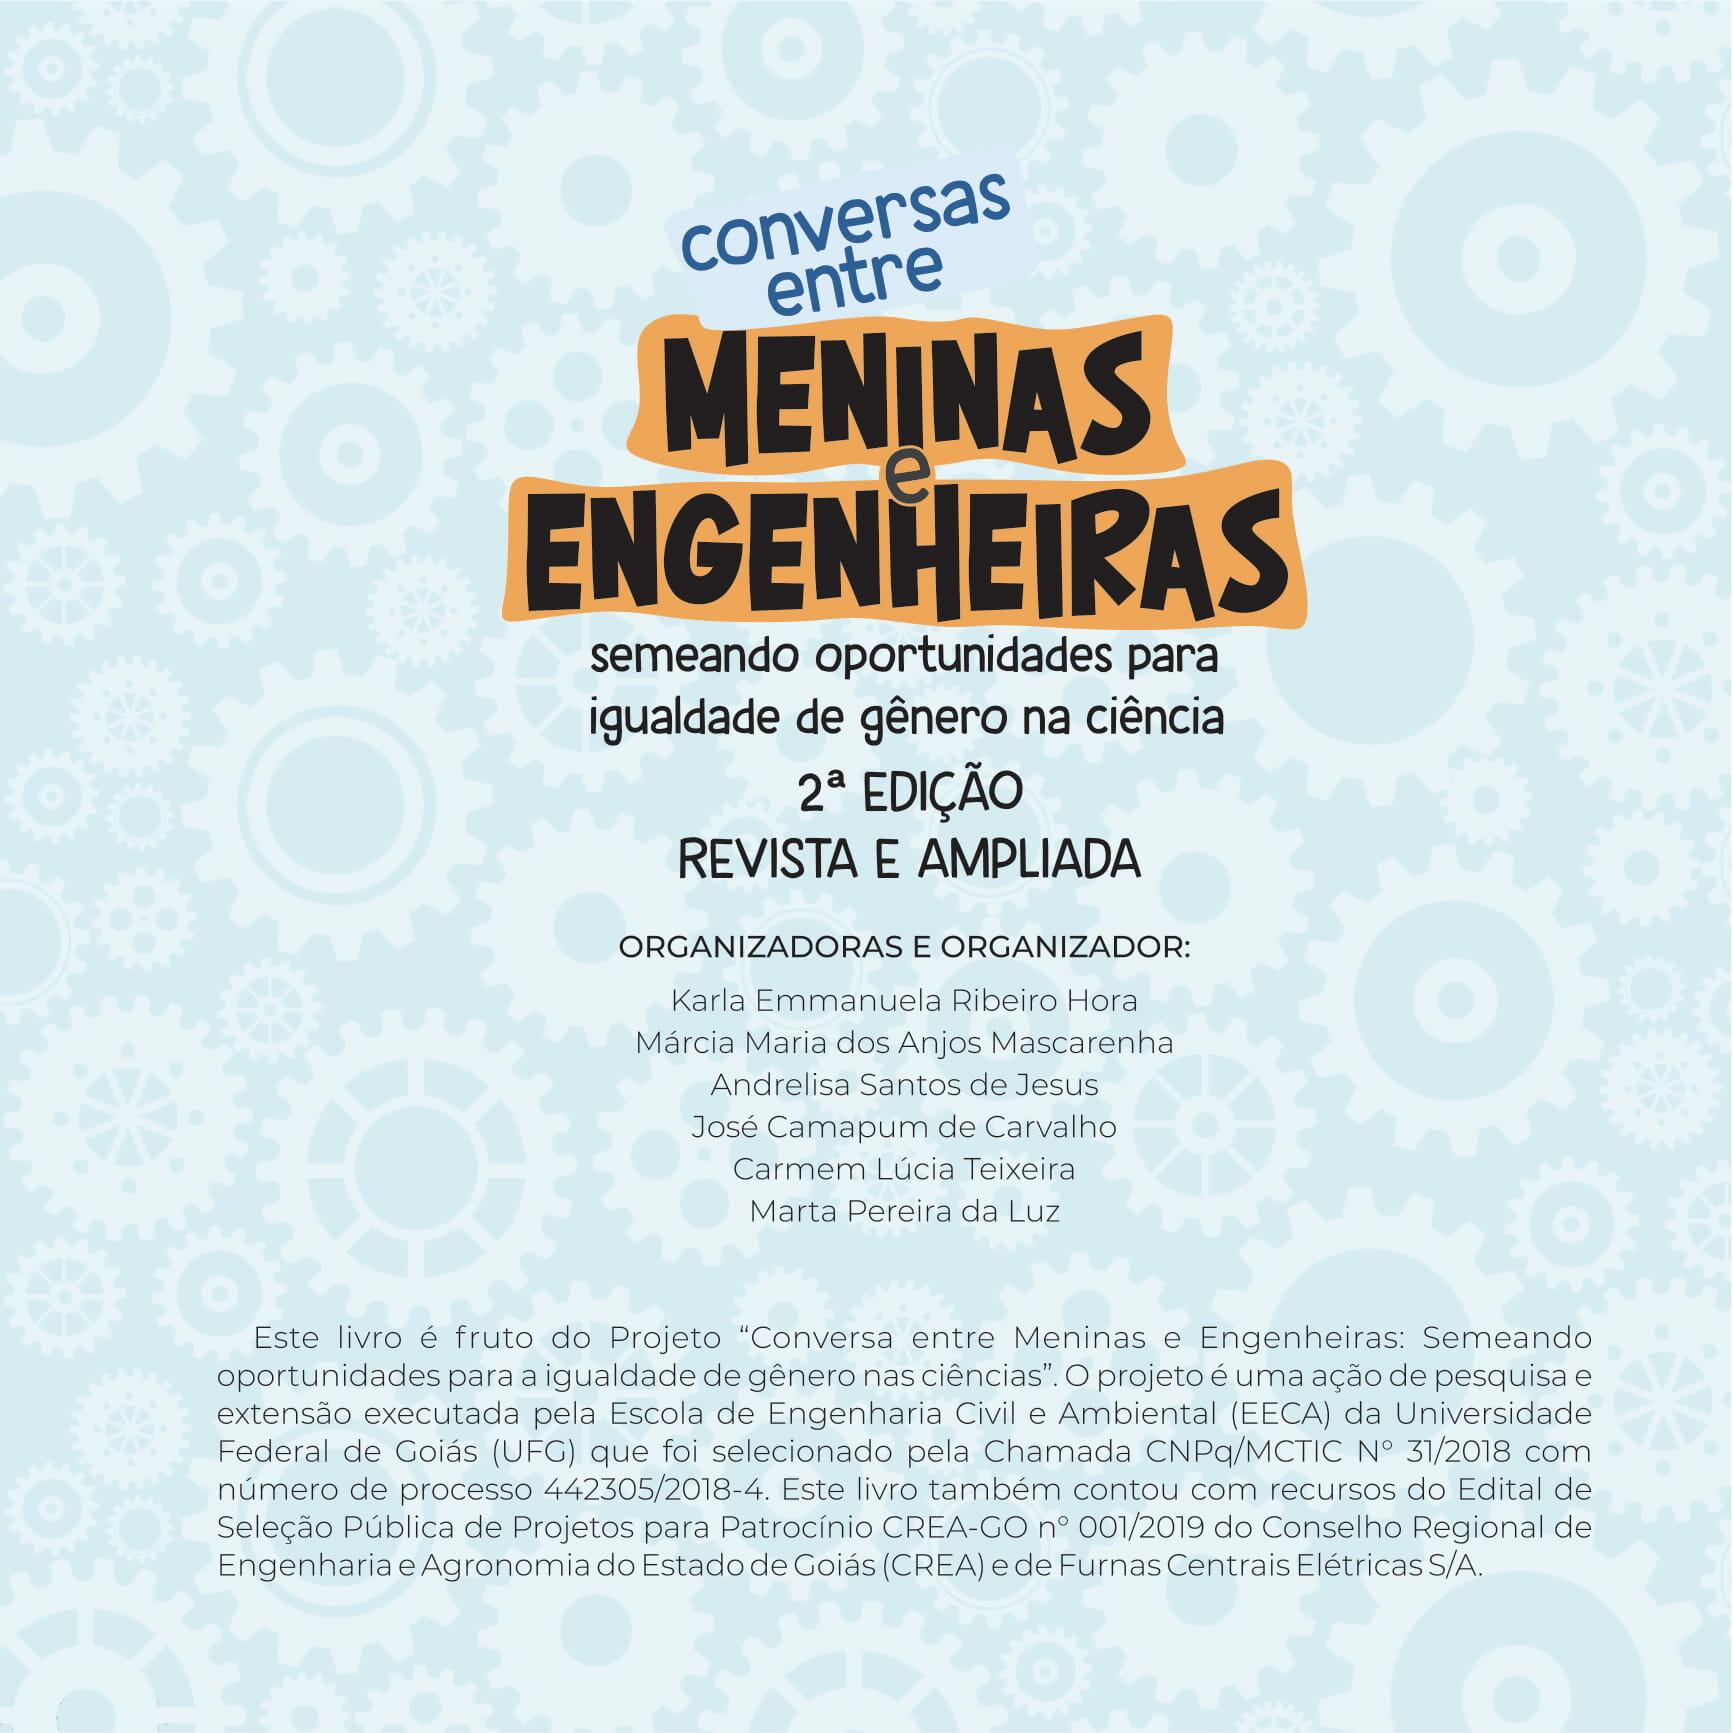 Conversas Entre  Meninas Engenheiras - 2 Edição - Capa